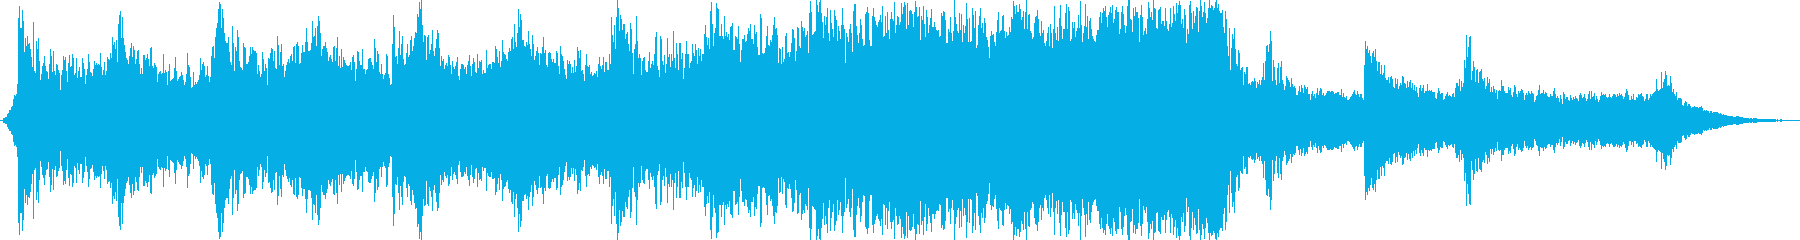 現代的 交響曲 実験的な アクティ...の再生済みの波形